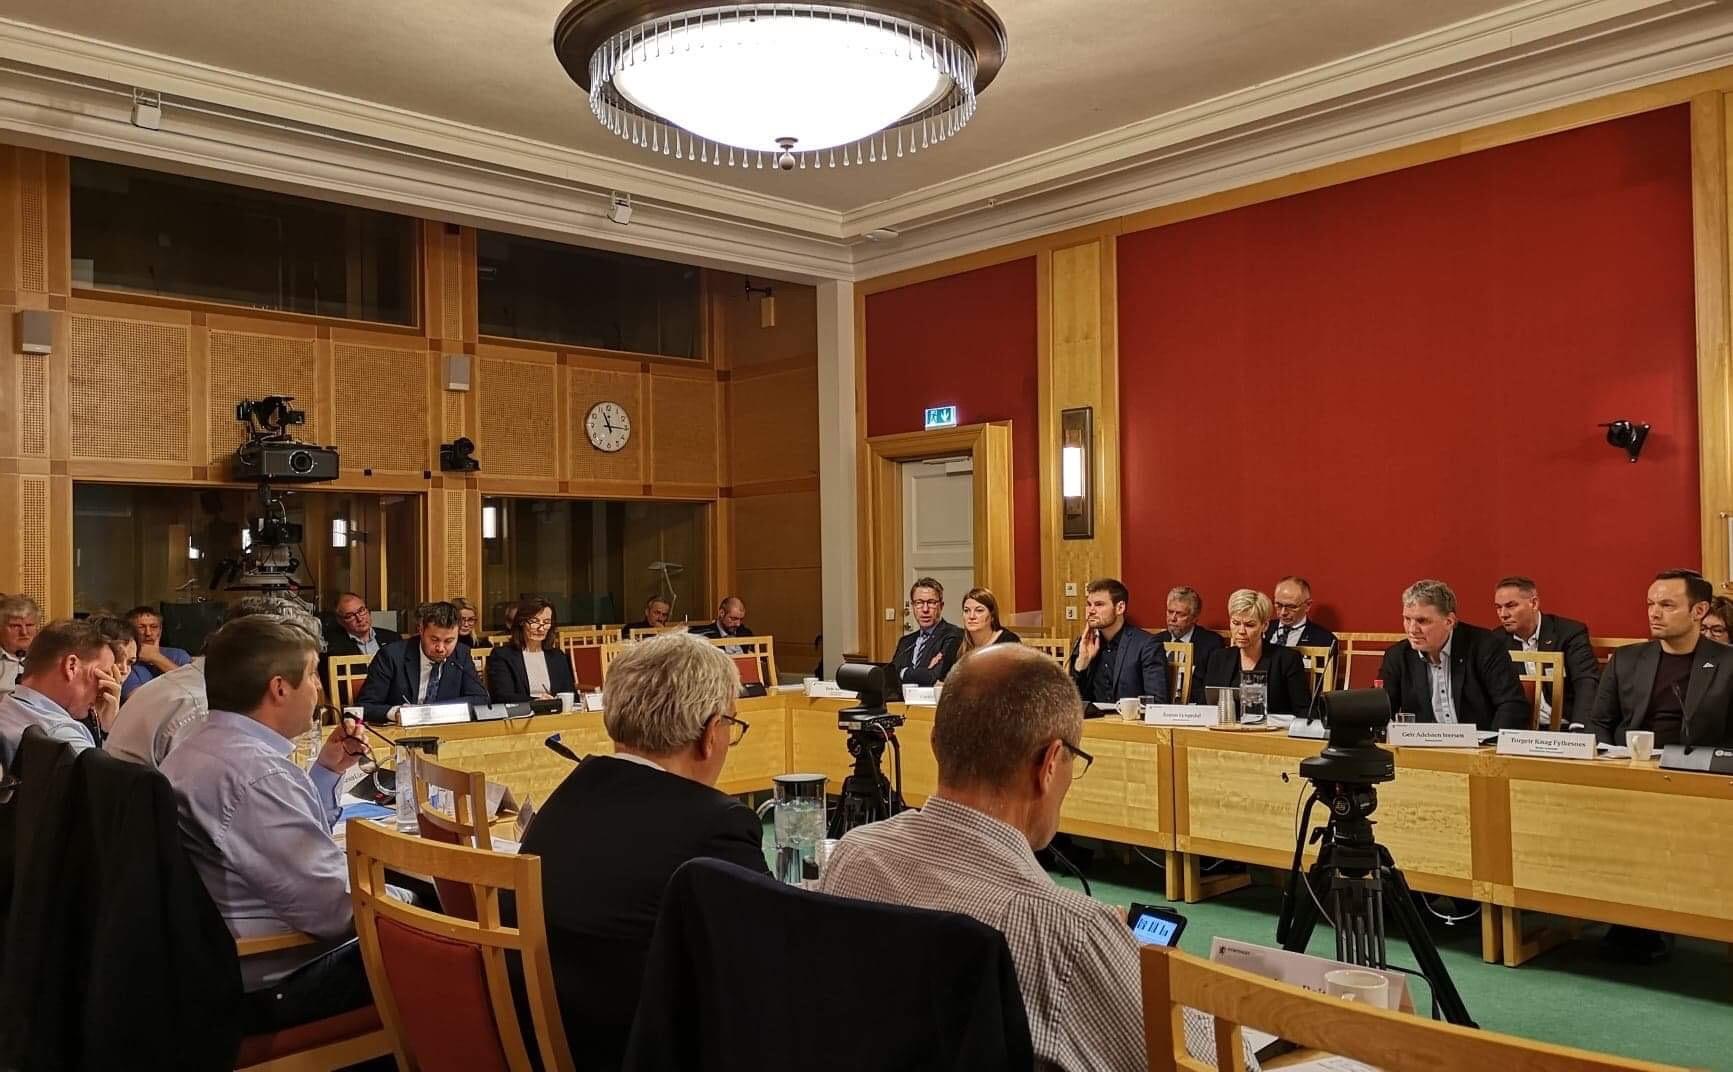 høring om kvotemelding i stortinget.JPG